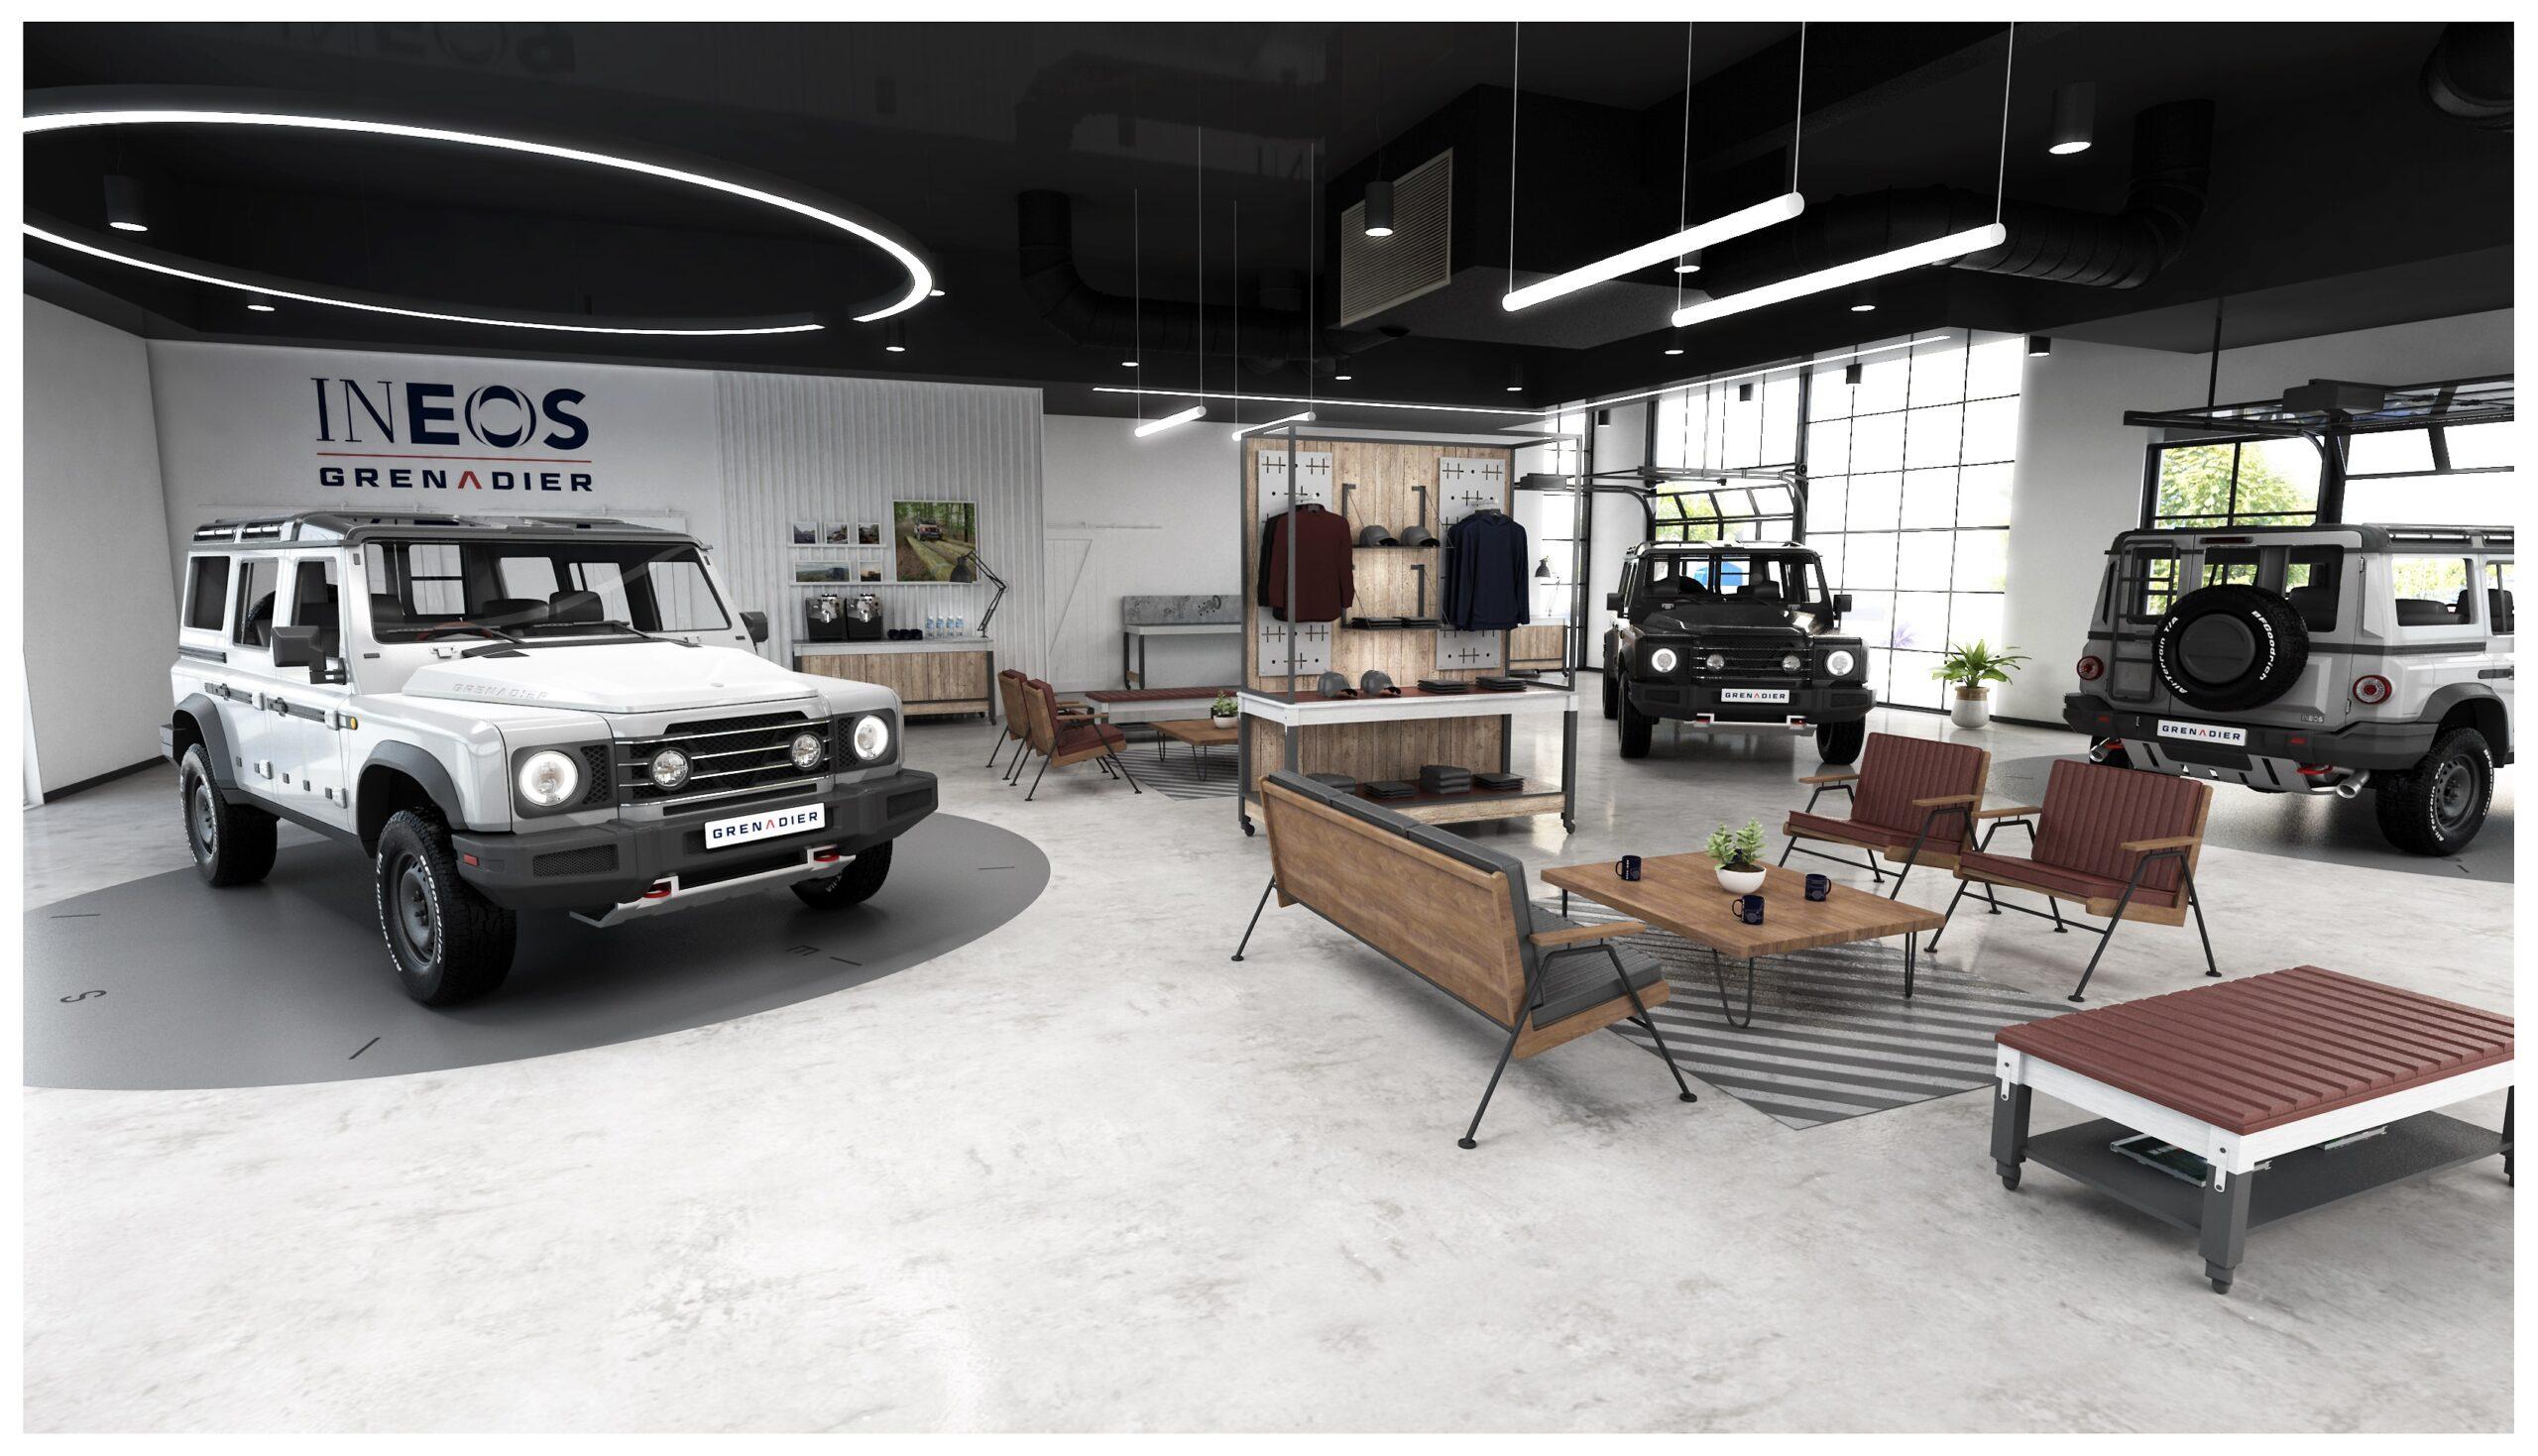 Retail-Konzept für den Grenadier (Fotos: Ineos)